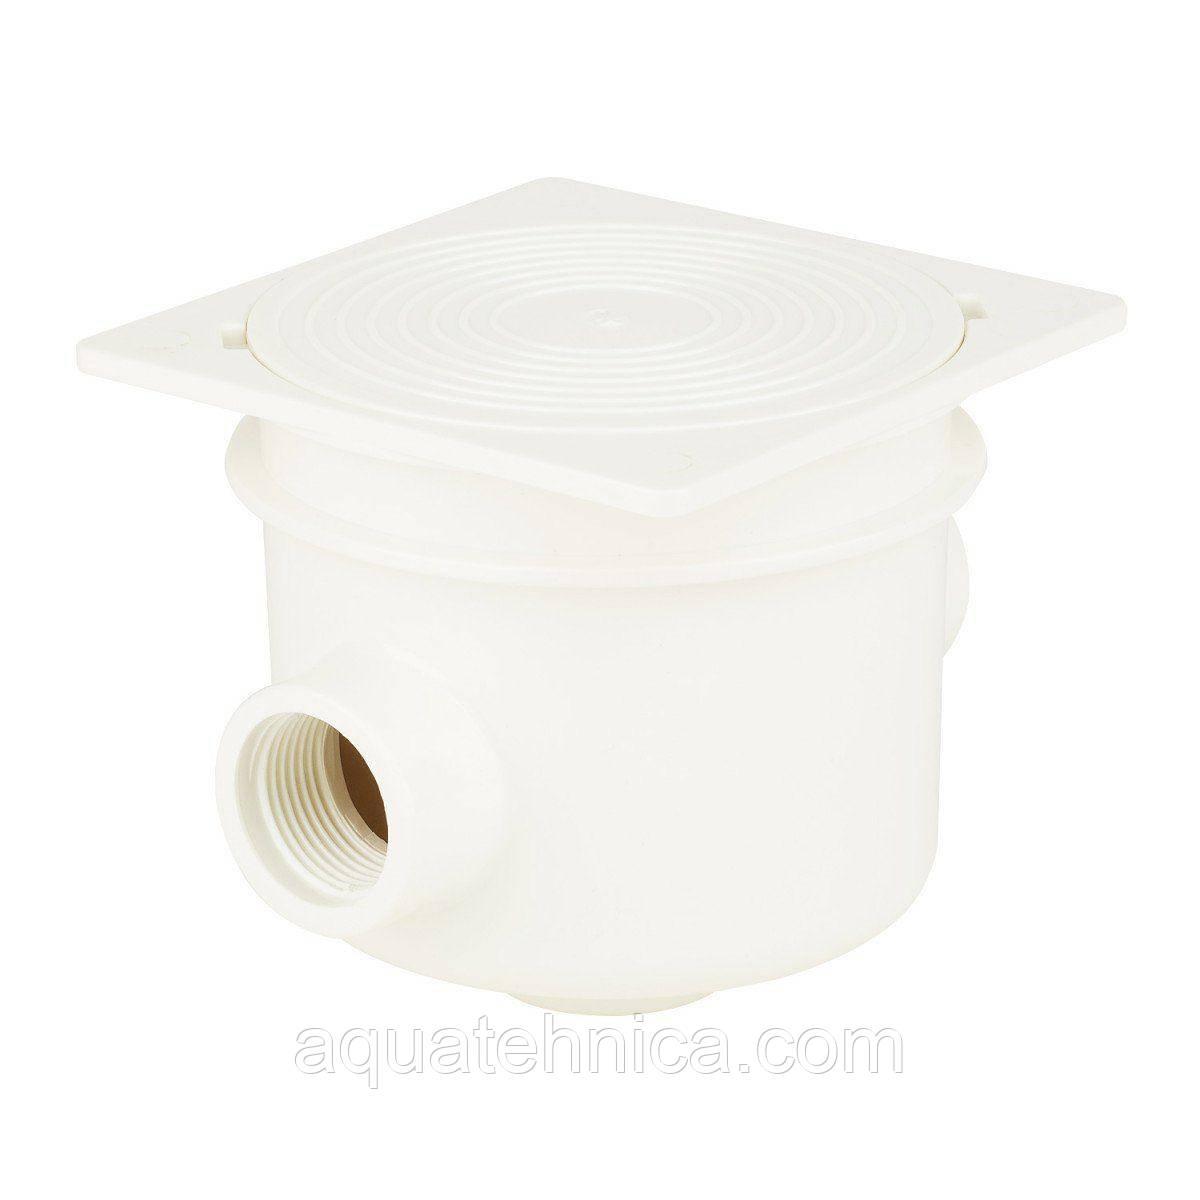 Розпаячна коробка Emaux EM2823 дозовая для монтажу світильників для басейну